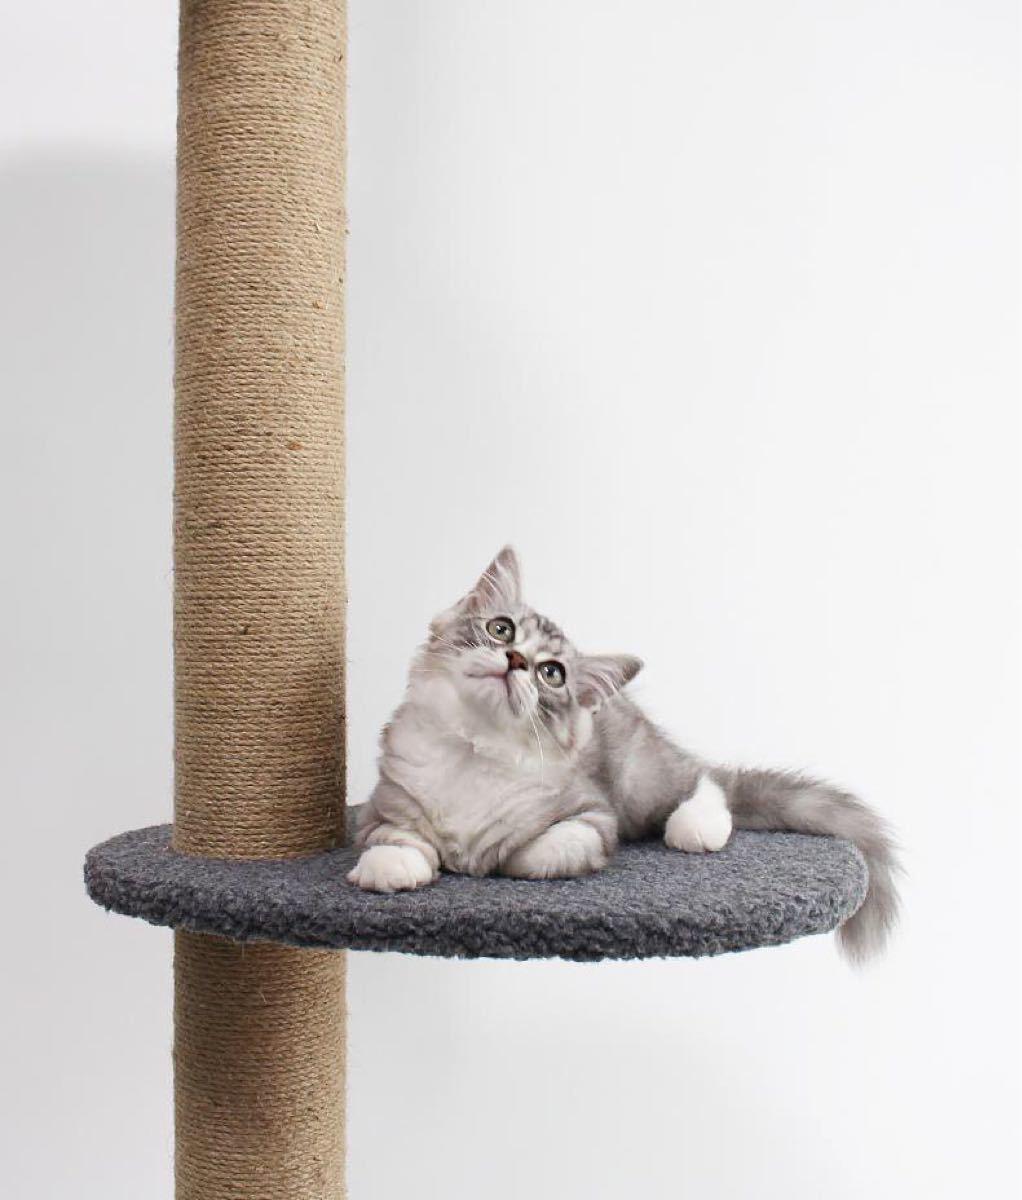 キャットタワー 突っ張り木登り 爪とぎ 高さ232-251cm 在宅応援赤字価額 キャットタワー 麻紐 猫タワー 天井